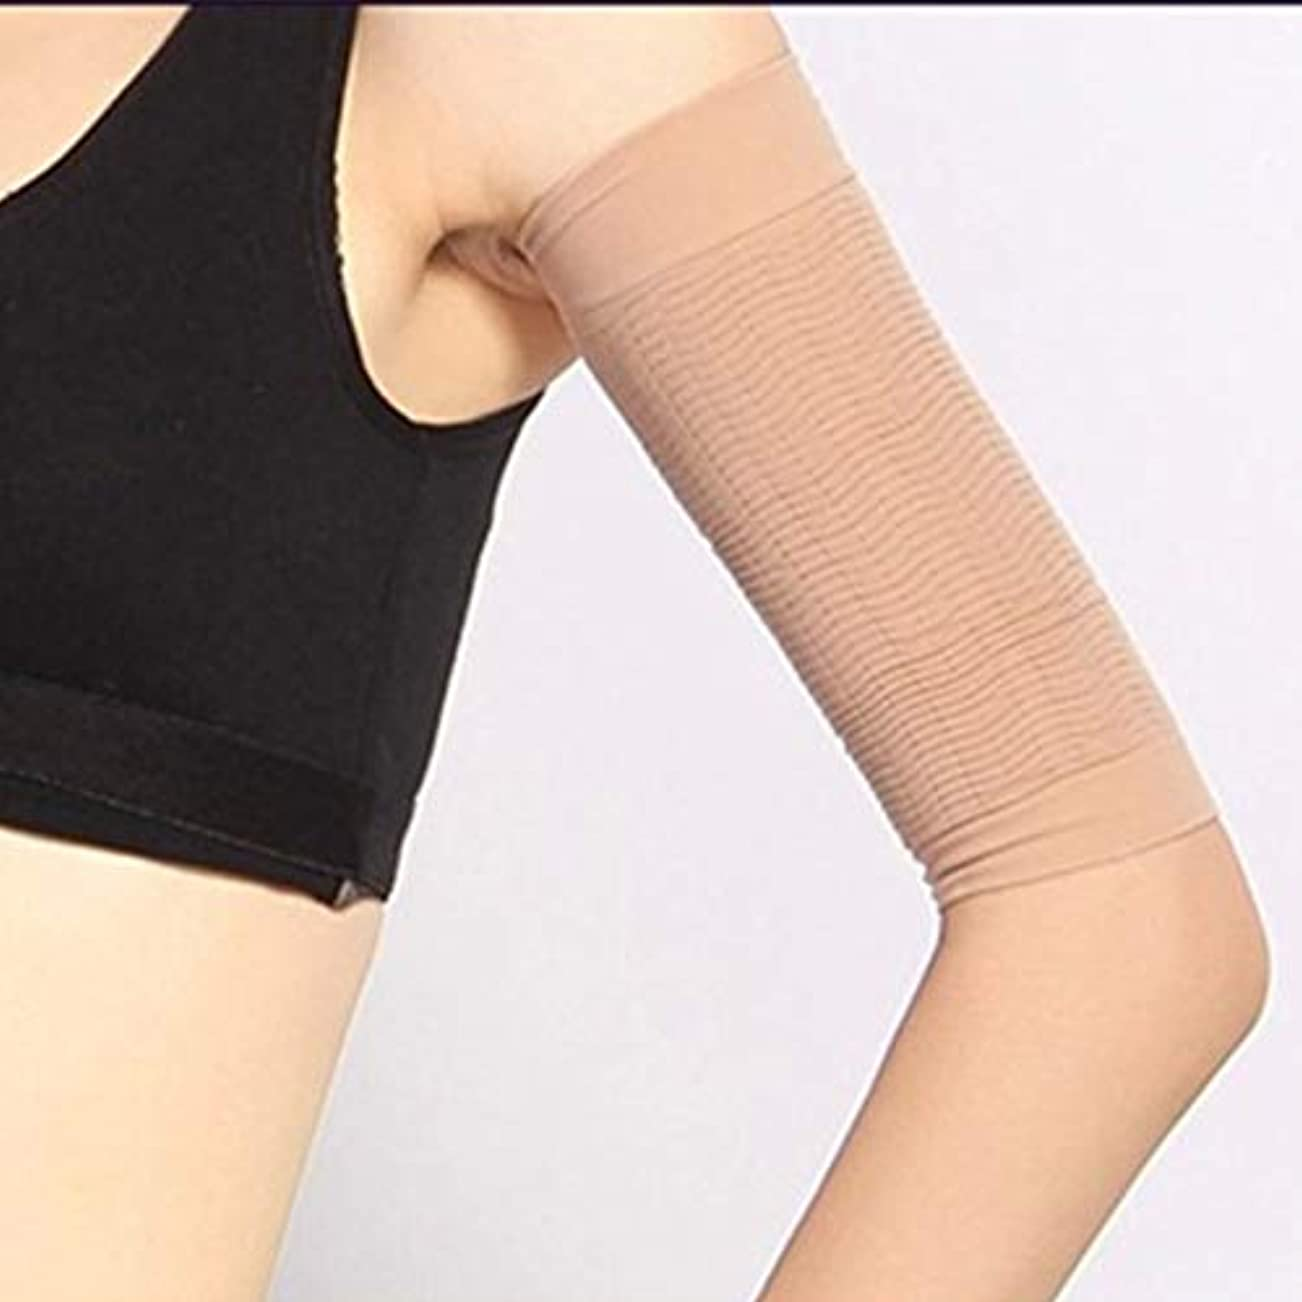 である驚いた鎮静剤1ペア420 D圧縮痩身アームスリーブワークアウトトーニングバーンセルライトシェイパー脂肪燃焼袖用女性 - 肌色